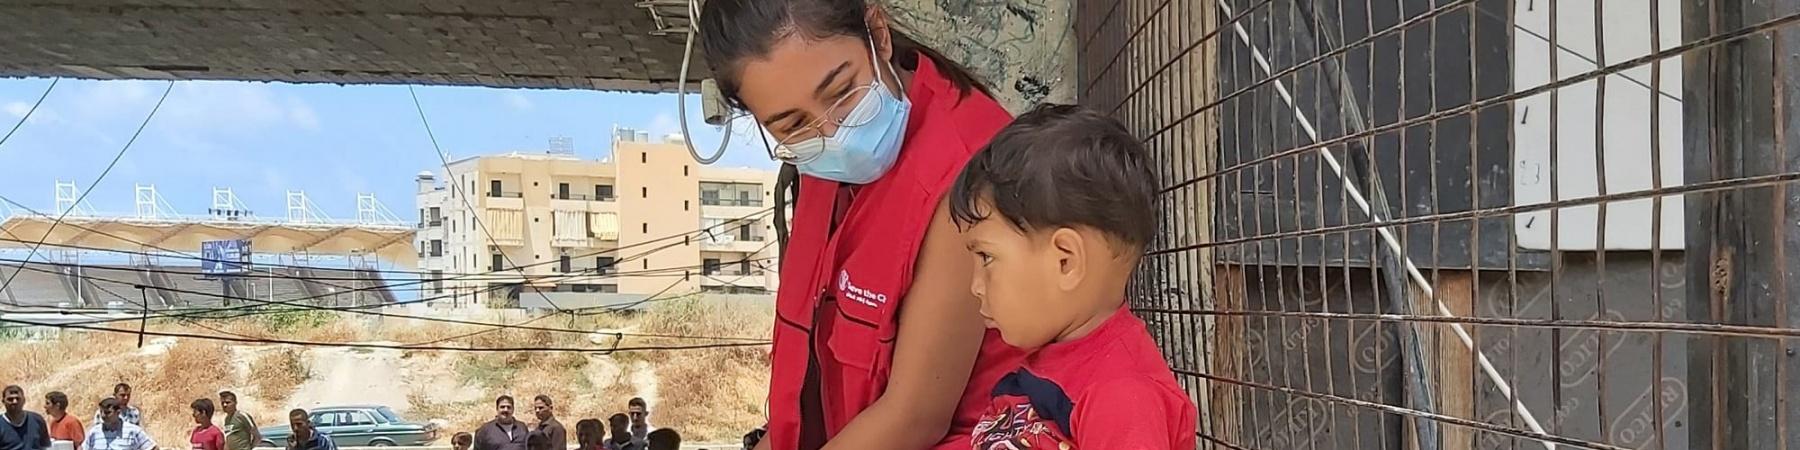 Operatrice Save the Children seduta su un muretto insieme a un bambino accanto a lei